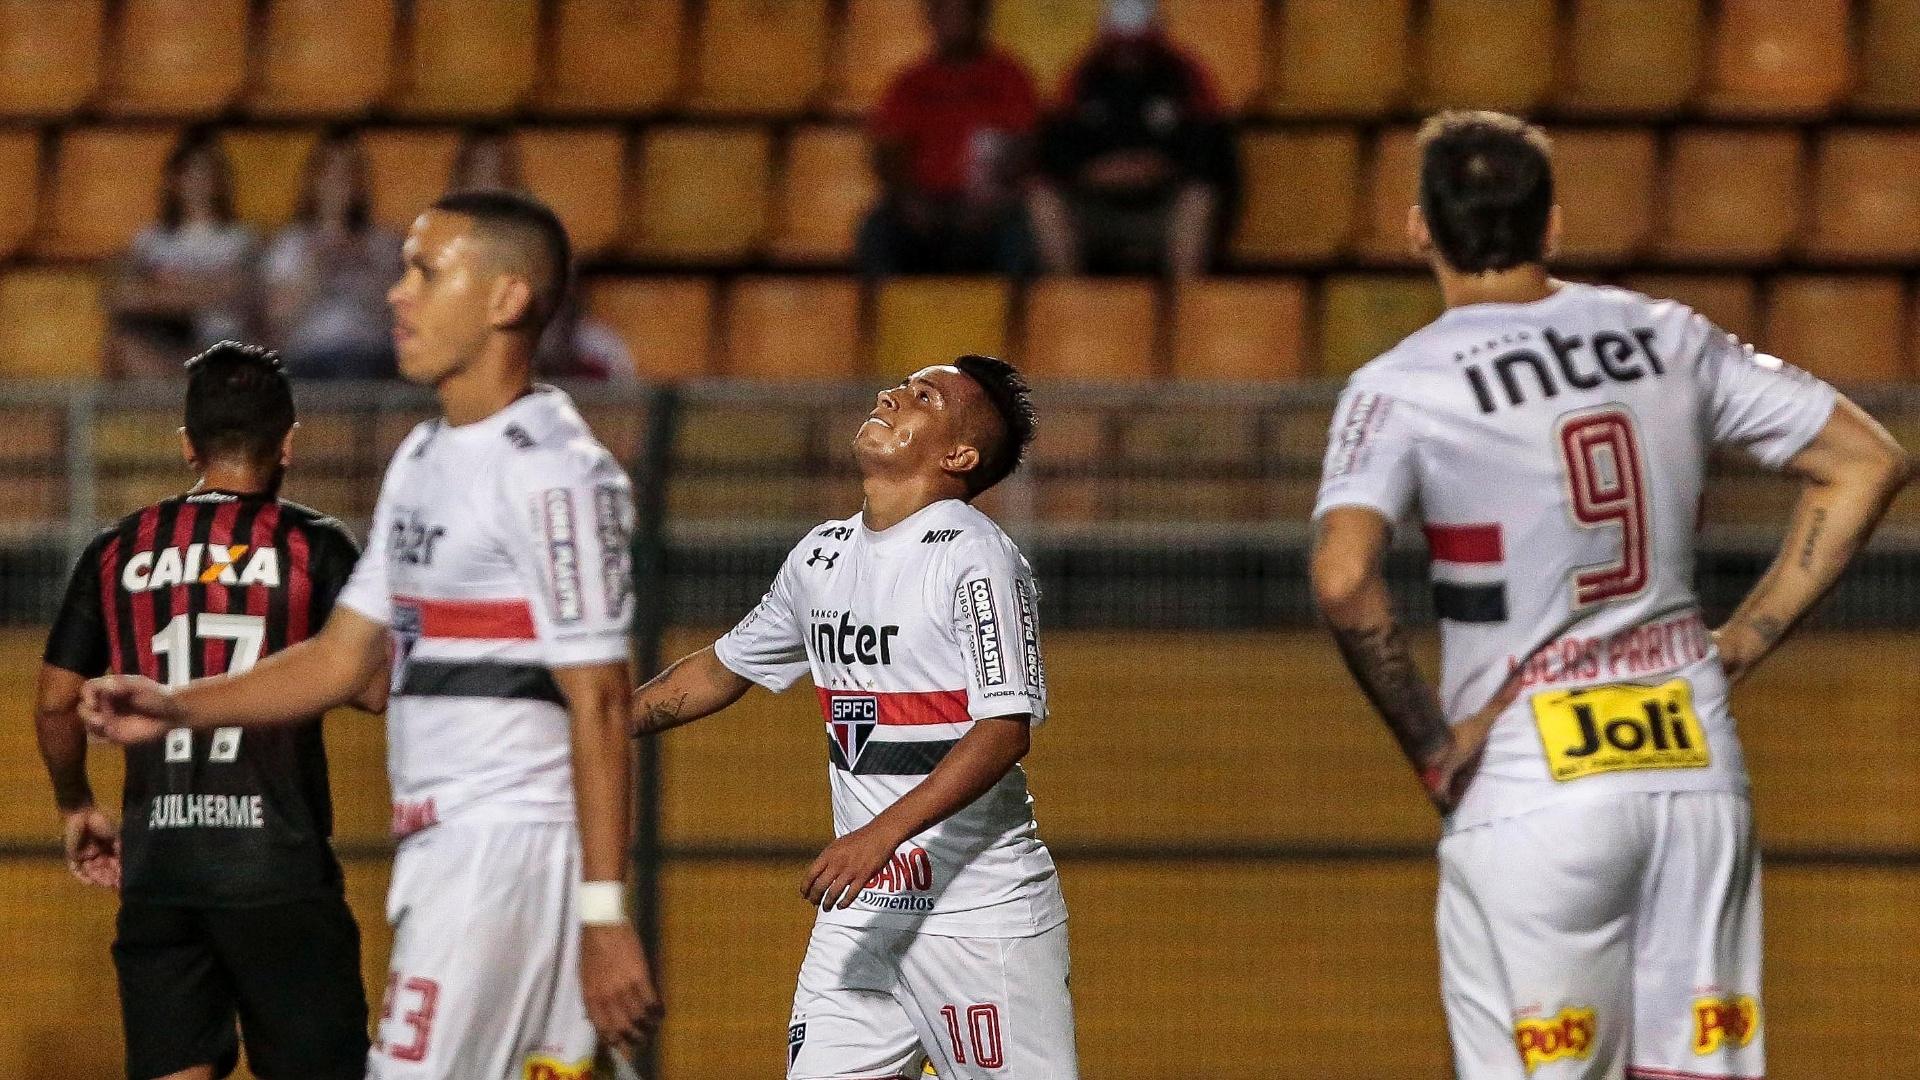 Cueva lamenta chance perdida durante jogo entre São Paulo e Atlético-PR